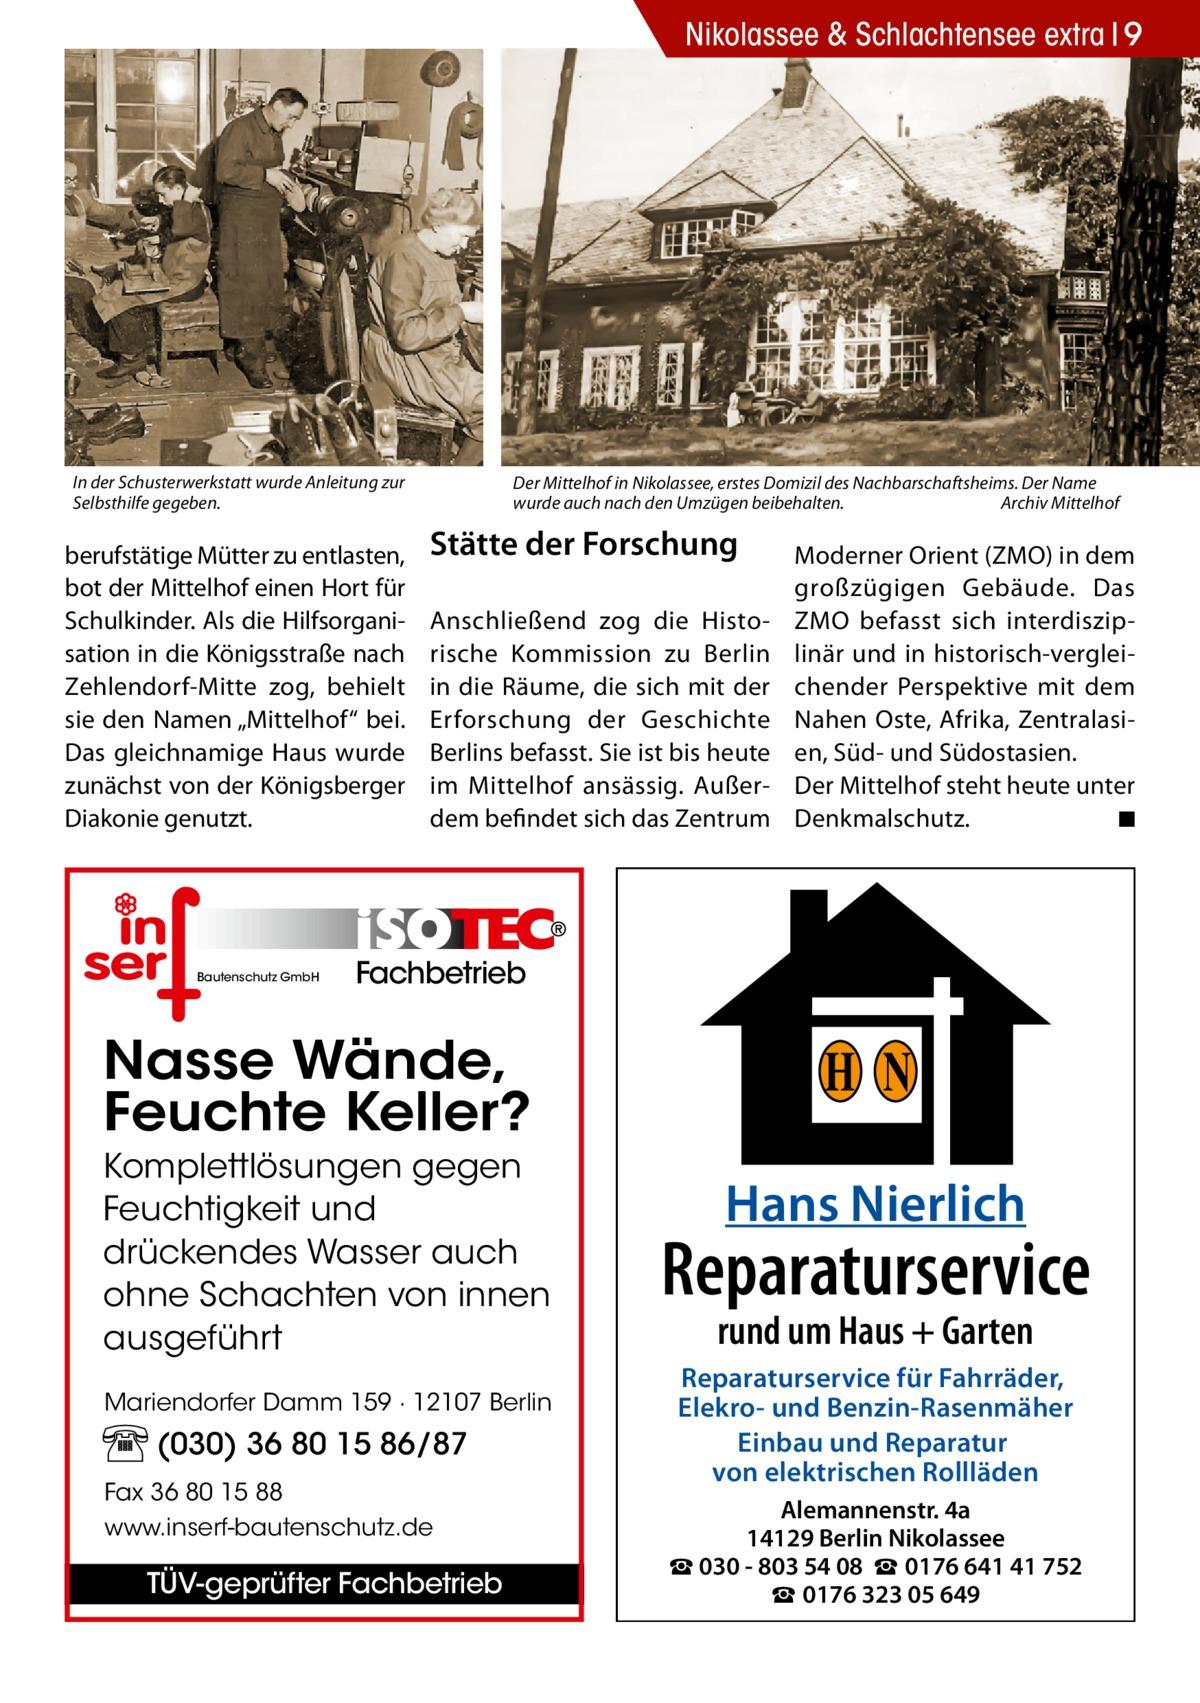 """Nikolassee & Schlachtensee extra 9  In der Schusterwerkstatt wurde Anleitung zur Selbsthilfe gegeben.  berufstätige Mütter zu entlasten, bot der Mittelhof einen Hort für Schulkinder. Als die Hilfsorganisation in die Königsstraße nach Zehlendorf-Mitte zog, behielt sie den Namen """"Mittelhof"""" bei. Das gleichnamige Haus wurde zunächst von der Königsberger Diakonie genutzt.  Bautenschutz GmbH  Der Mittelhof in Nikolassee, erstes Domizil des Nachbarschaftsheims. Der Name wurde auch nach den Umzügen beibehalten.� Archiv Mittelhof  Stätte der Forschung Anschließend zog die Historische Kommission zu Berlin in die Räume, die sich mit der Erforschung der Geschichte Berlins befasst. Sie ist bis heute im Mittelhof ansässig. Außerdem befindet sich das Zentrum  Moderner Orient (ZMO) in dem großzügigen Gebäude. Das ZMO befasst sich interdisziplinär und in historisch-vergleichender Perspektive mit dem Nahen Oste, Afrika, Zentralasien, Süd- und Südostasien. Der Mittelhof steht heute unter Denkmalschutz. � ◾  Fachbetrieb  Nasse Wände, Feuchte Keller? Komplettlösungen gegen Feuchtigkeit und drückendes Wasser auch ohne Schachten von innen ausgeführt Mariendorfer Damm 159 · 12107 Berlin  (030) 36 80 15 86/87 Fax 36 80 15 88 www.inserf-bautenschutz.de  TÜV-geprüfter Fachbetrieb  H N Hans Nierlich  Reparaturservice rund um Haus + Garten  Reparaturservice für Fahrräder, Elekro- und Benzin-Rasenmäher Einbau und Reparatur von elektrischen Rollläden Alemannenstr. 4a 14129 Berlin Nikolassee ☎ 030 - 803 54 08 ☎ 0176 641 41 752 ☎ 0176 323 05 649"""